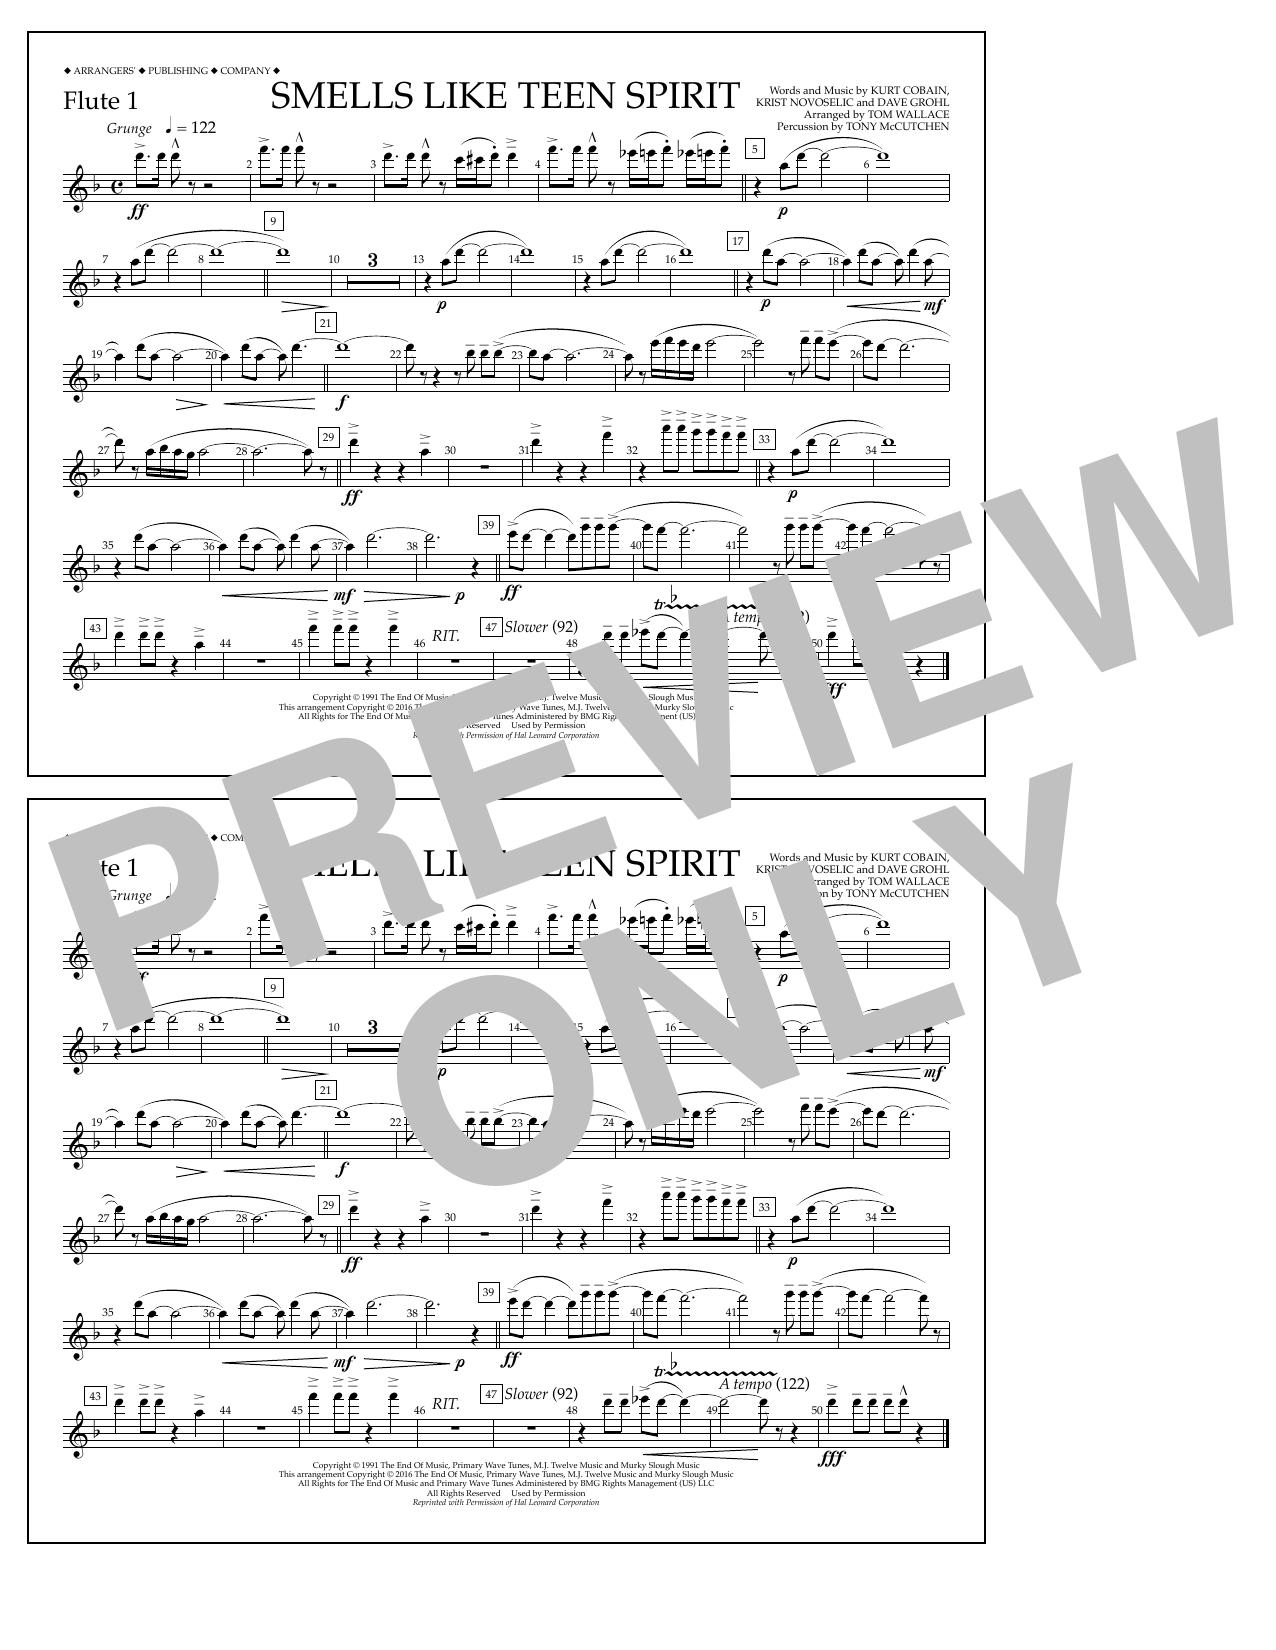 Nirvana - Smells Like Teen Spirit - Flute 1